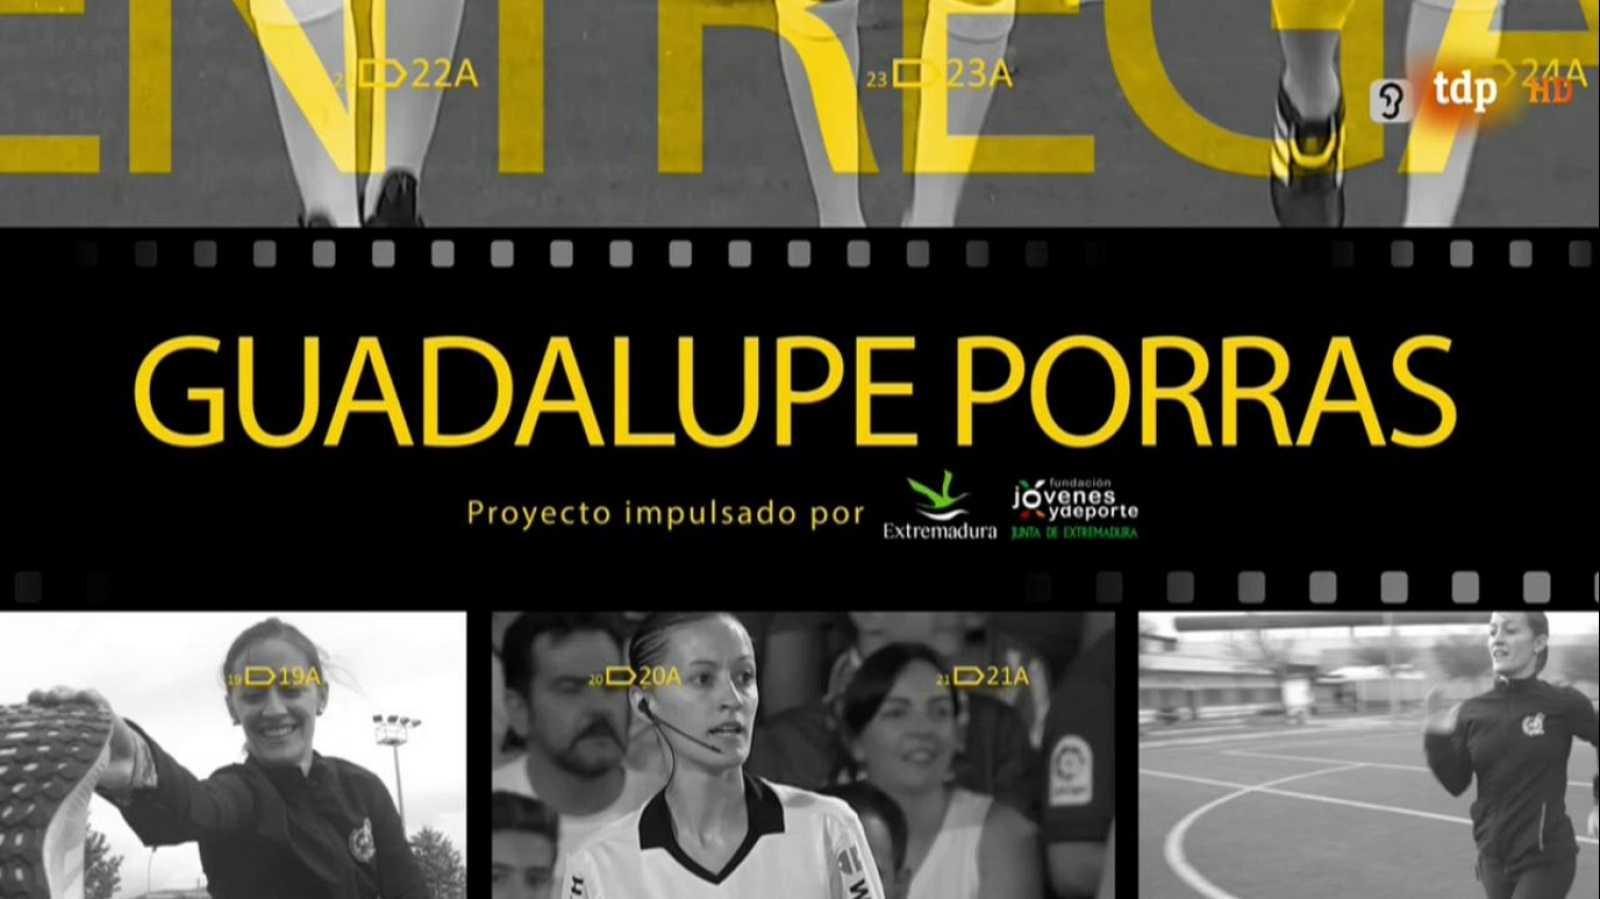 Mujer y deporte - Árbitra de fútbol: Guadalupe Porras - ver ahora